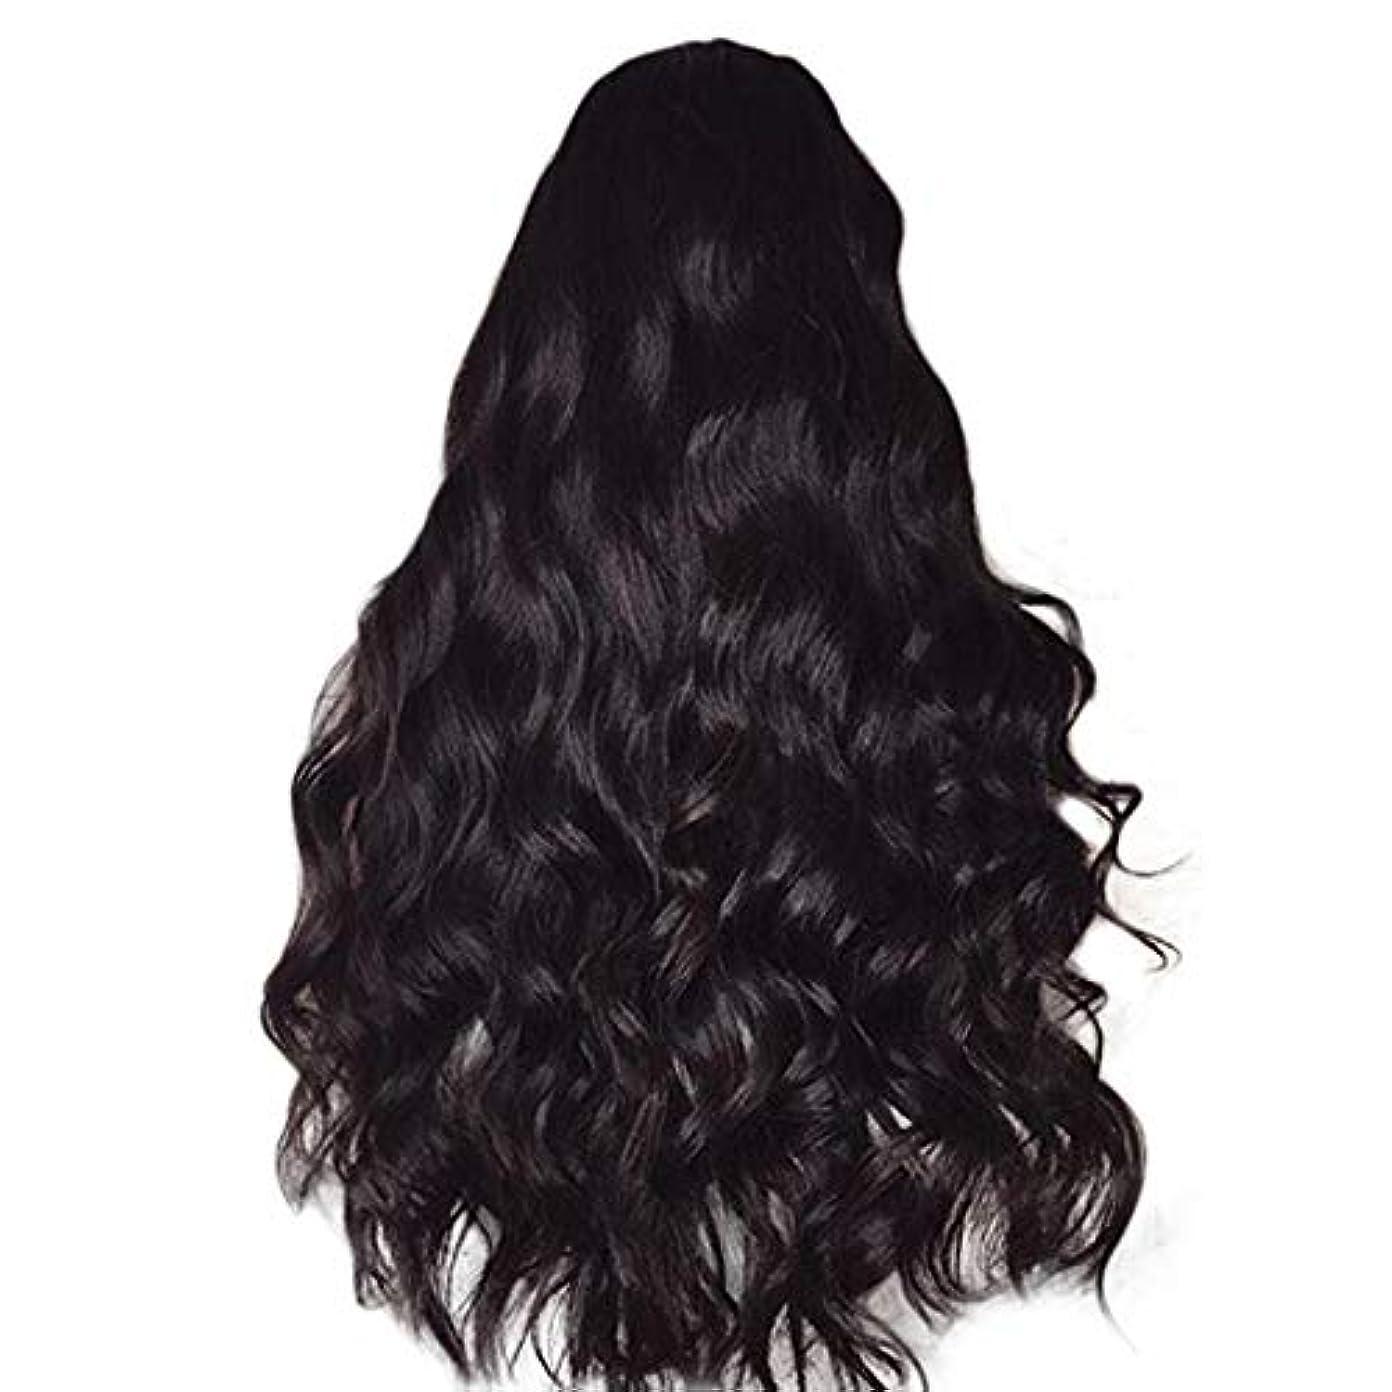 パキスタンのぞき穴文化女性のかつら長い巻き毛黒ふわふわビッグウェーブウィッグ65 cm